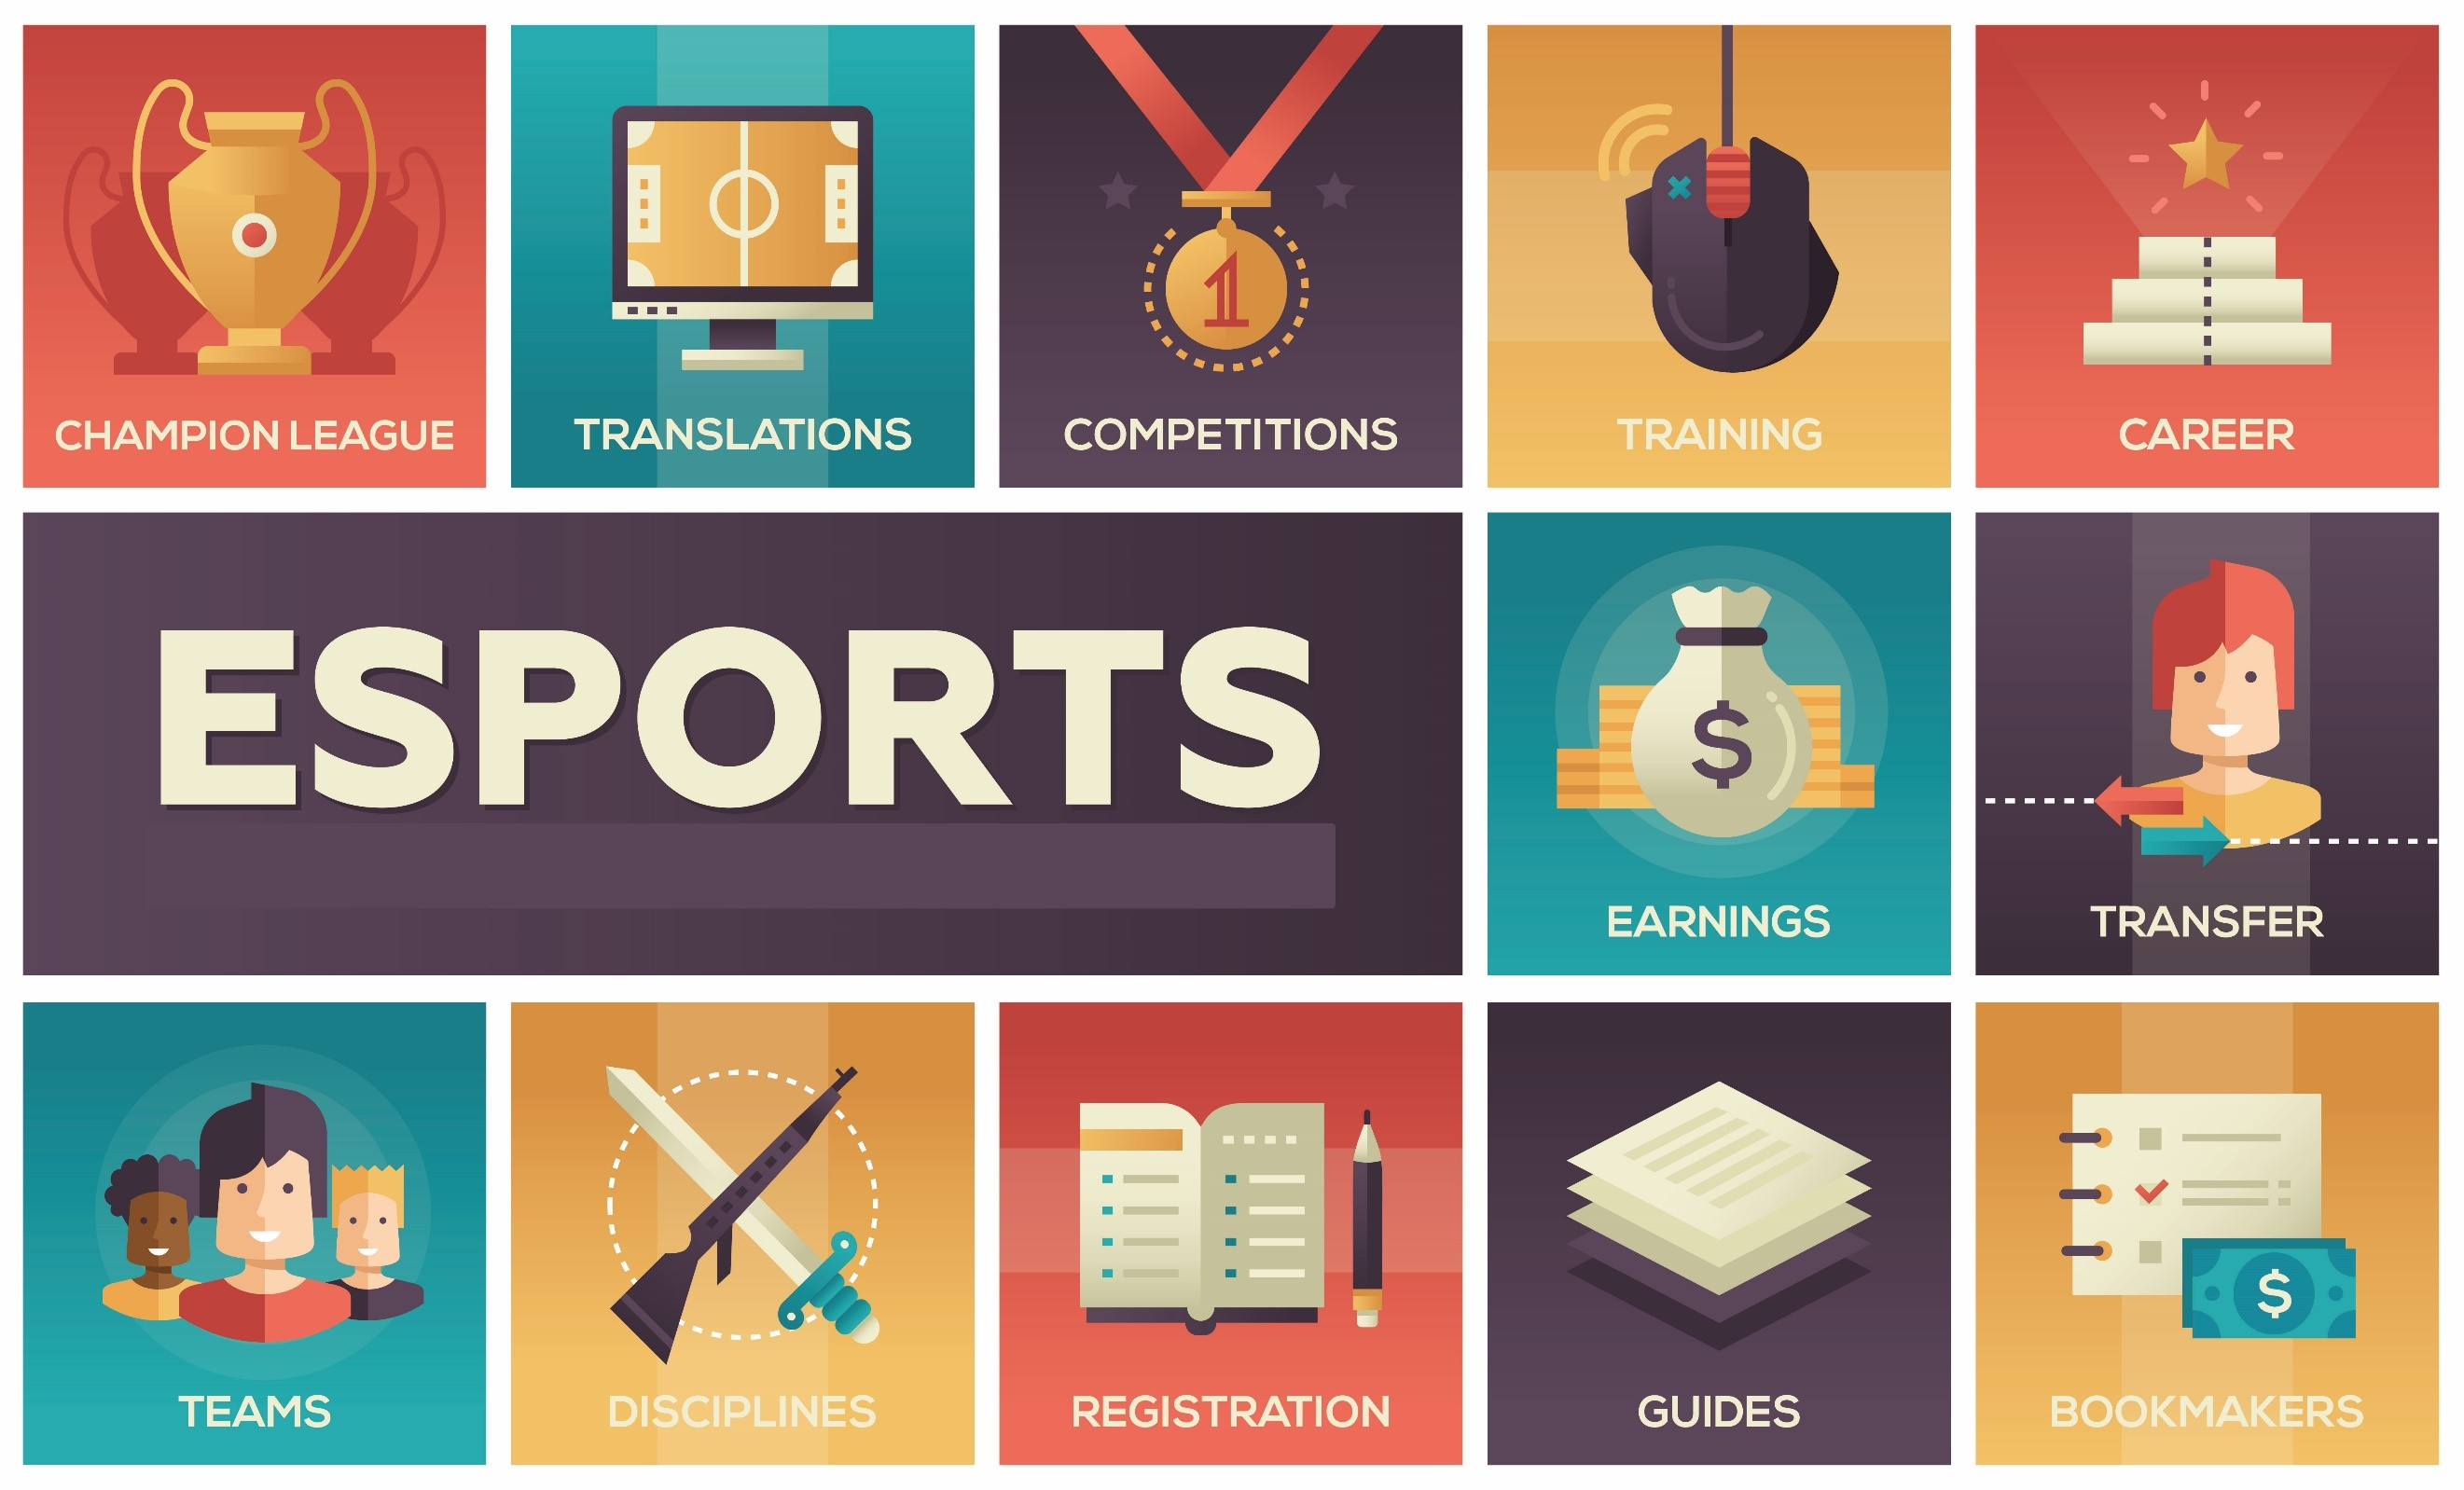 eSports Infographic